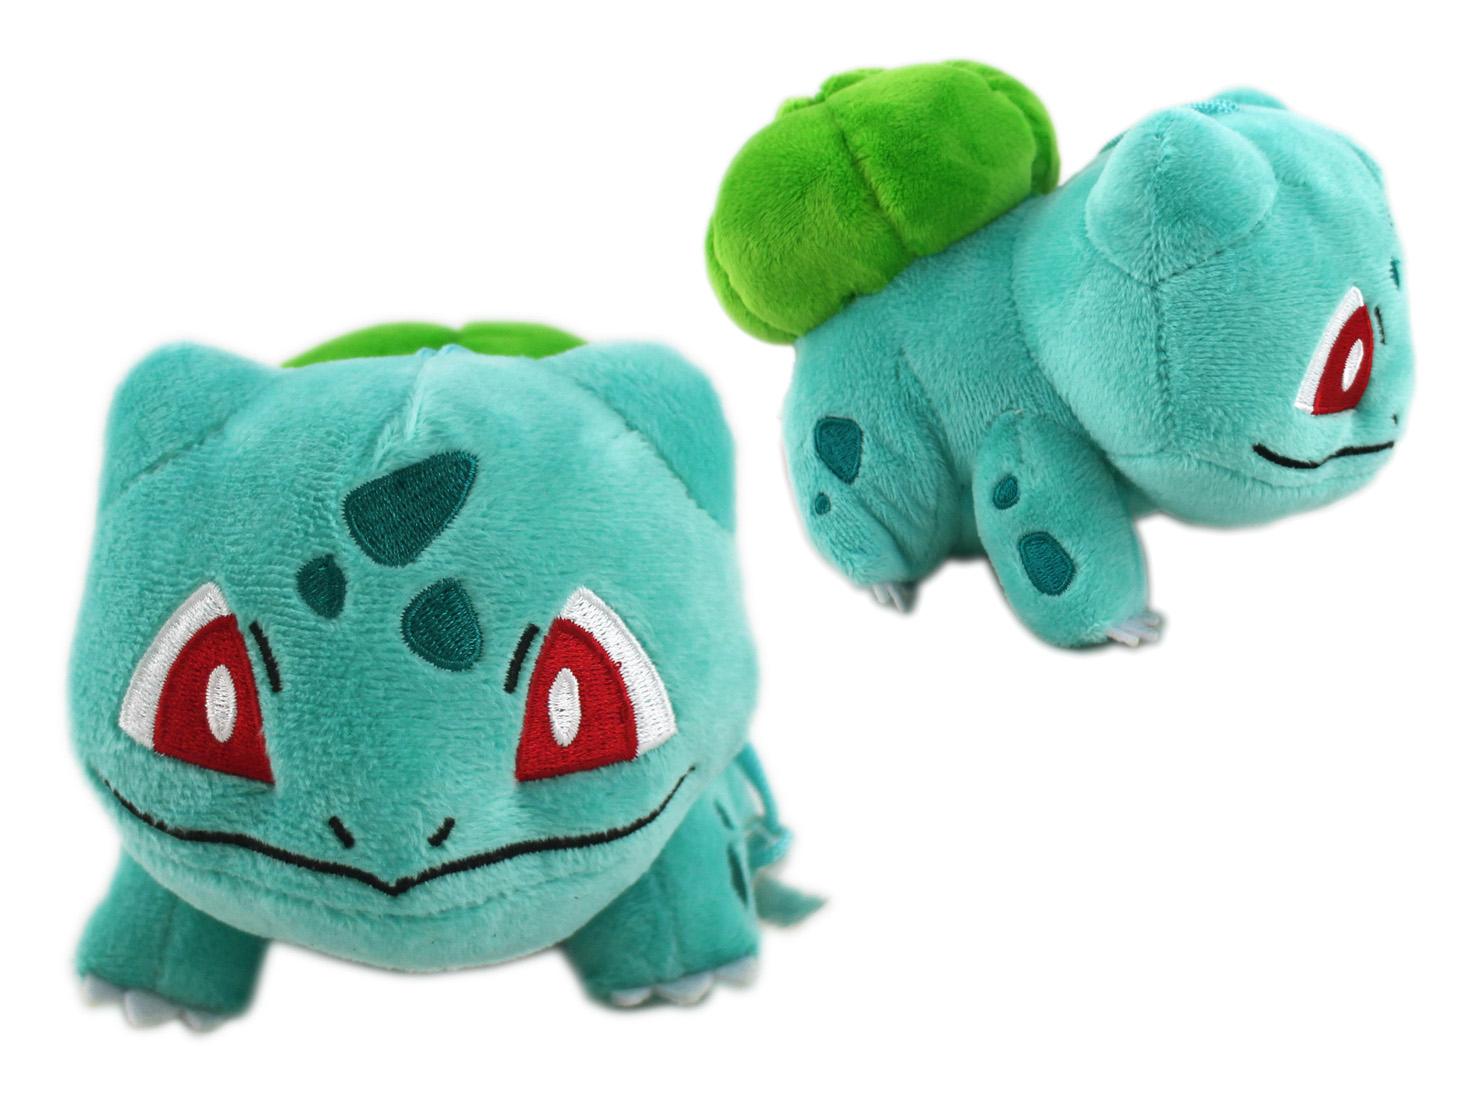 卡漫城妙蛙種子16cm絨毛玩偶版寶可夢神奇寶貝Pokemon娃娃布偶吊飾附吸盤裝飾